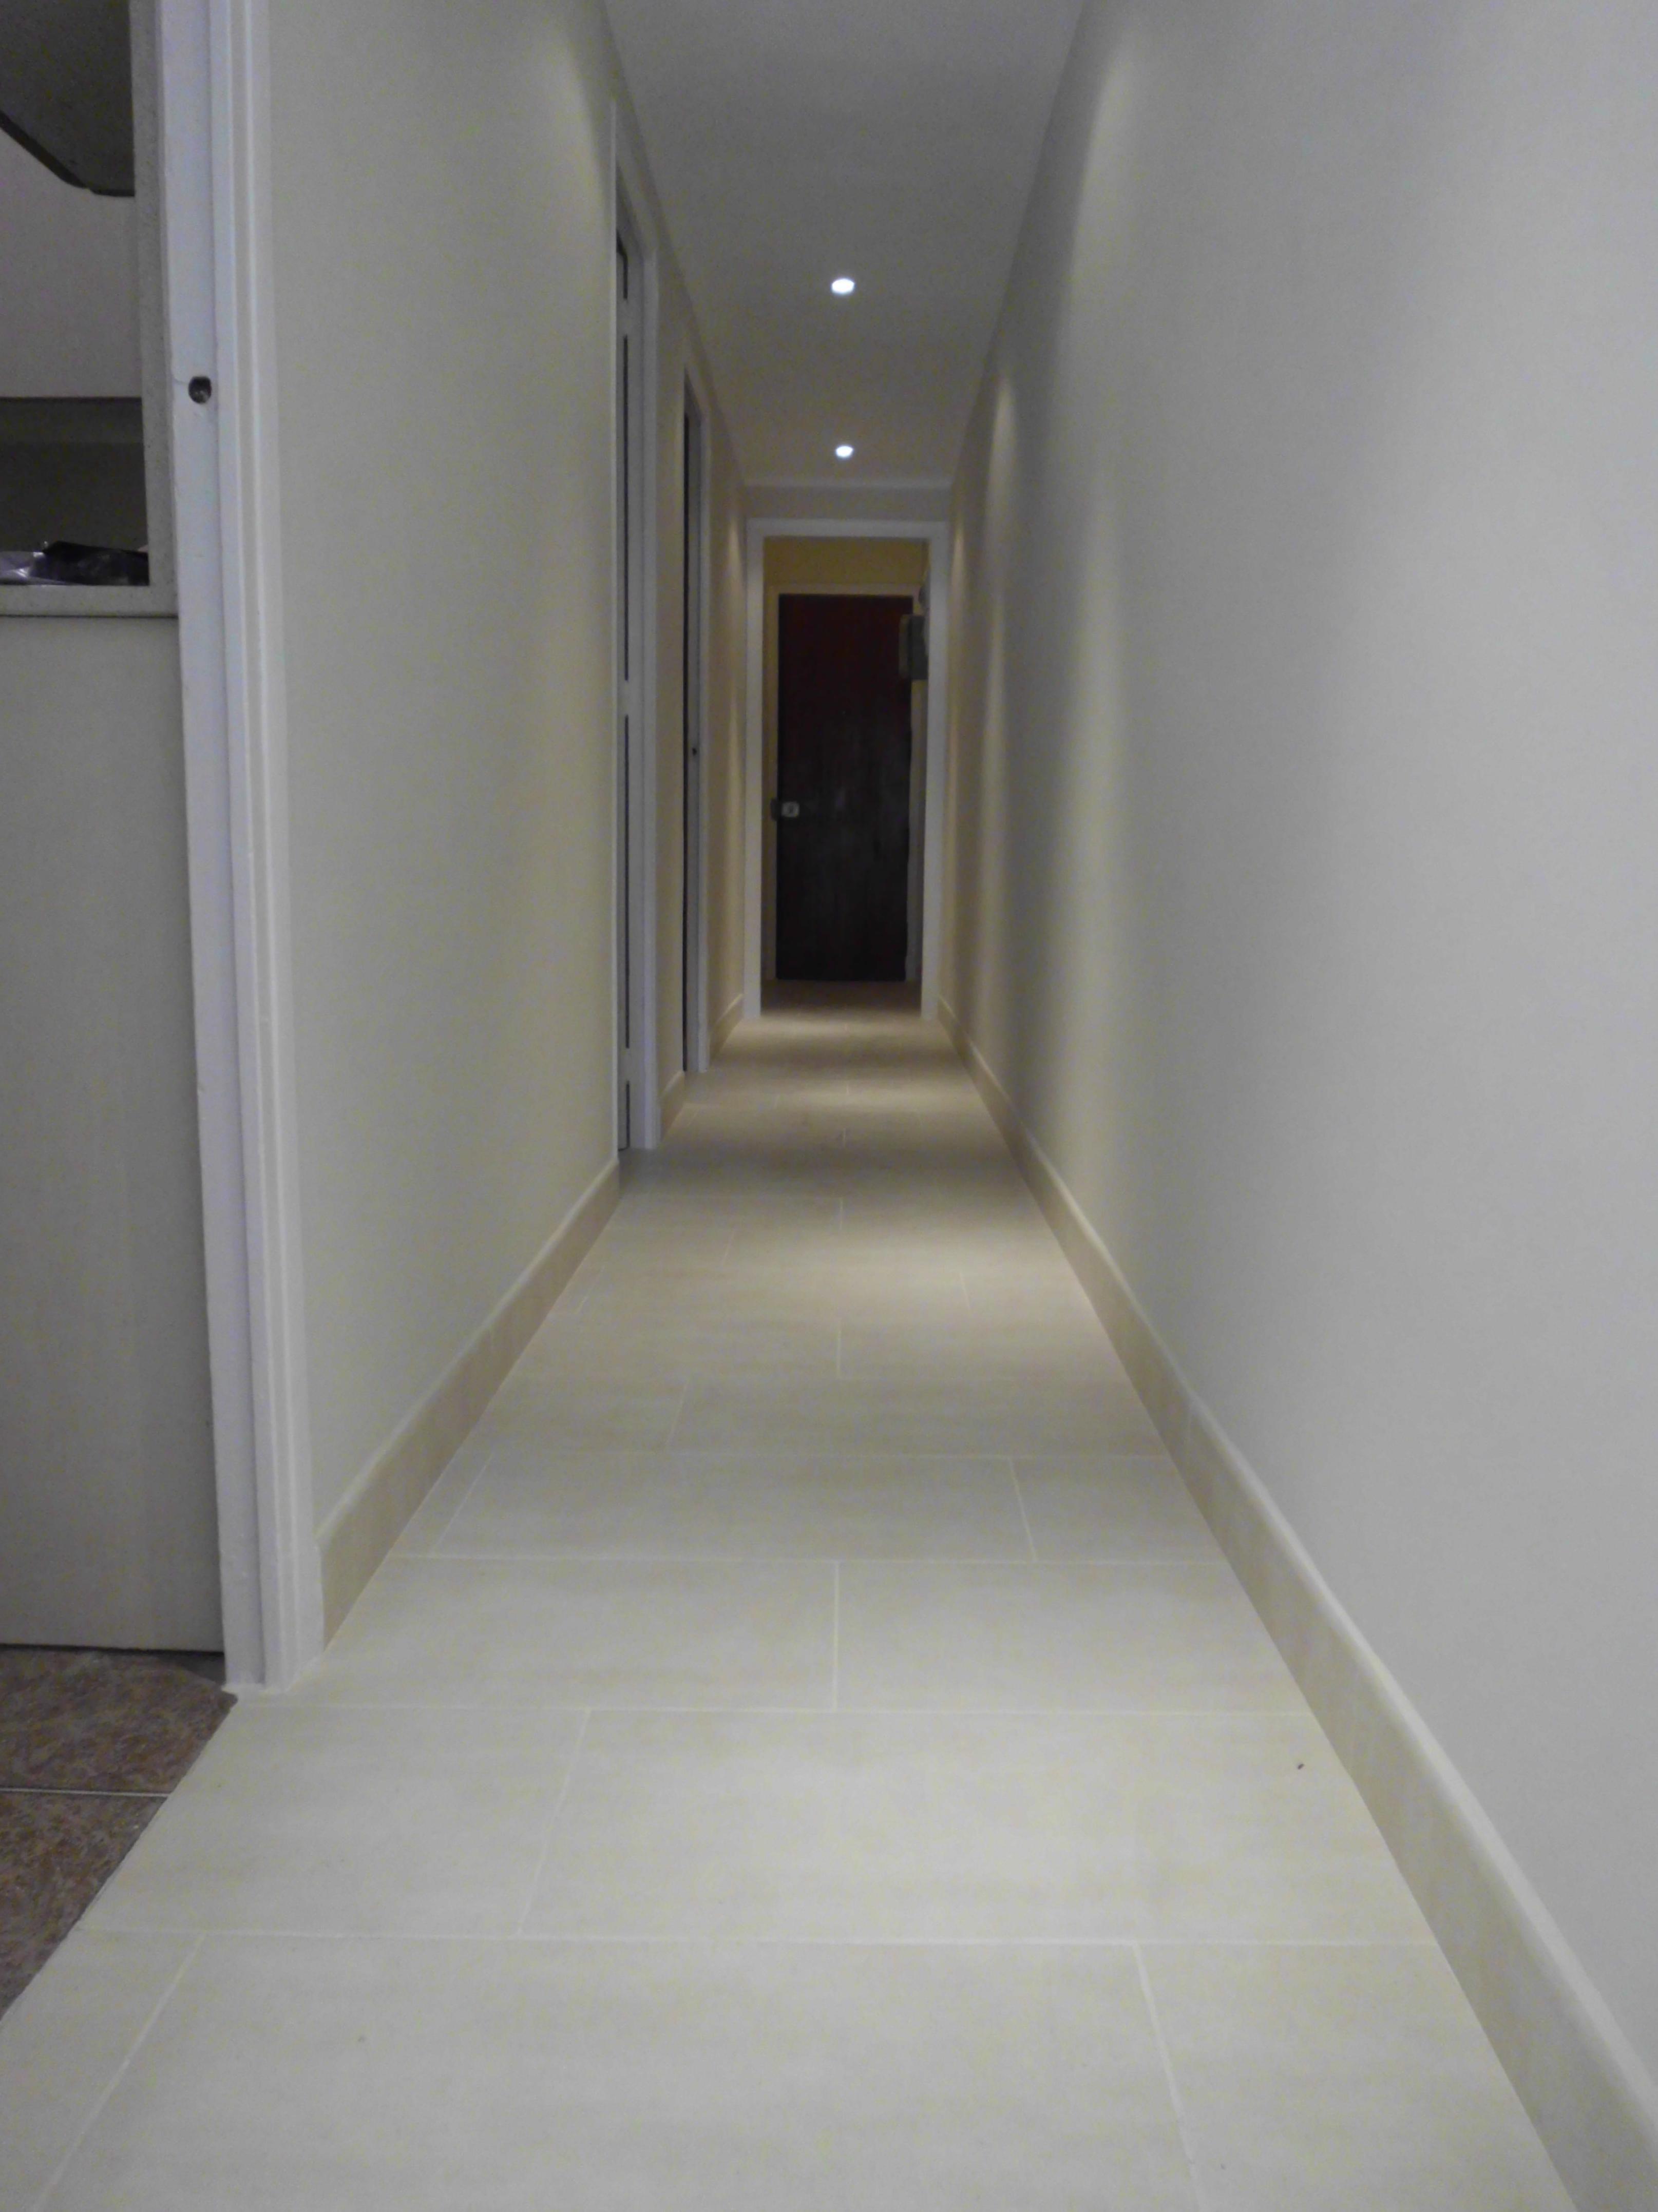 Reforma econ mica de un piso para alquilar for Alquilar un piso